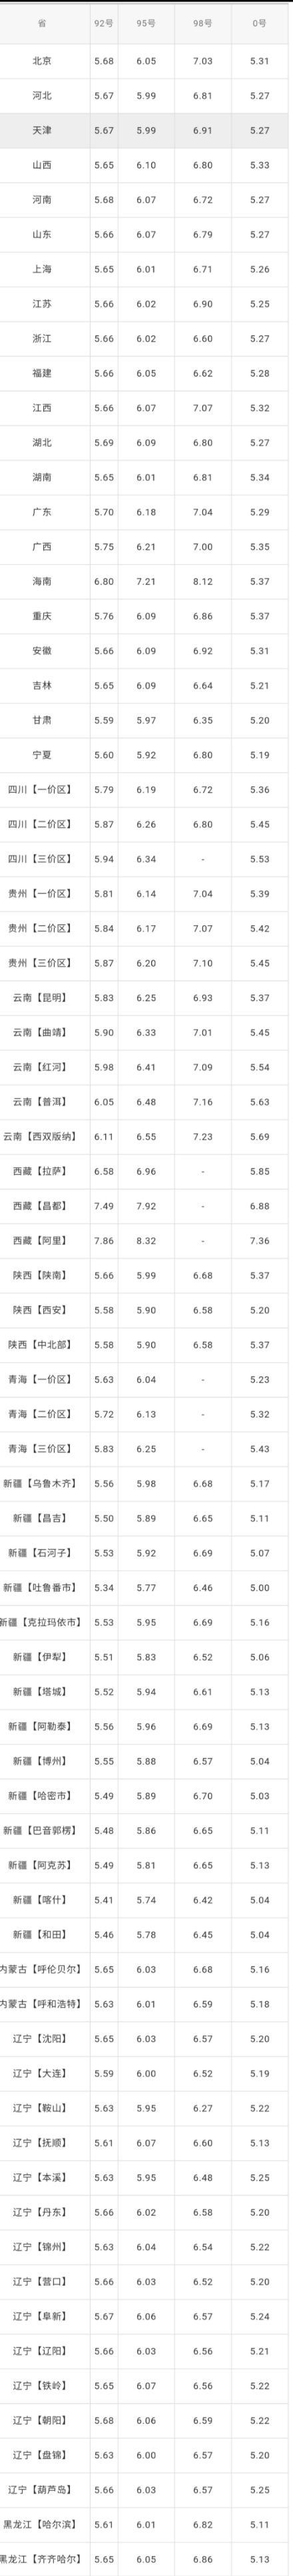 全國油價調整信息:7月24日調整后:全國92、95號汽油價格表